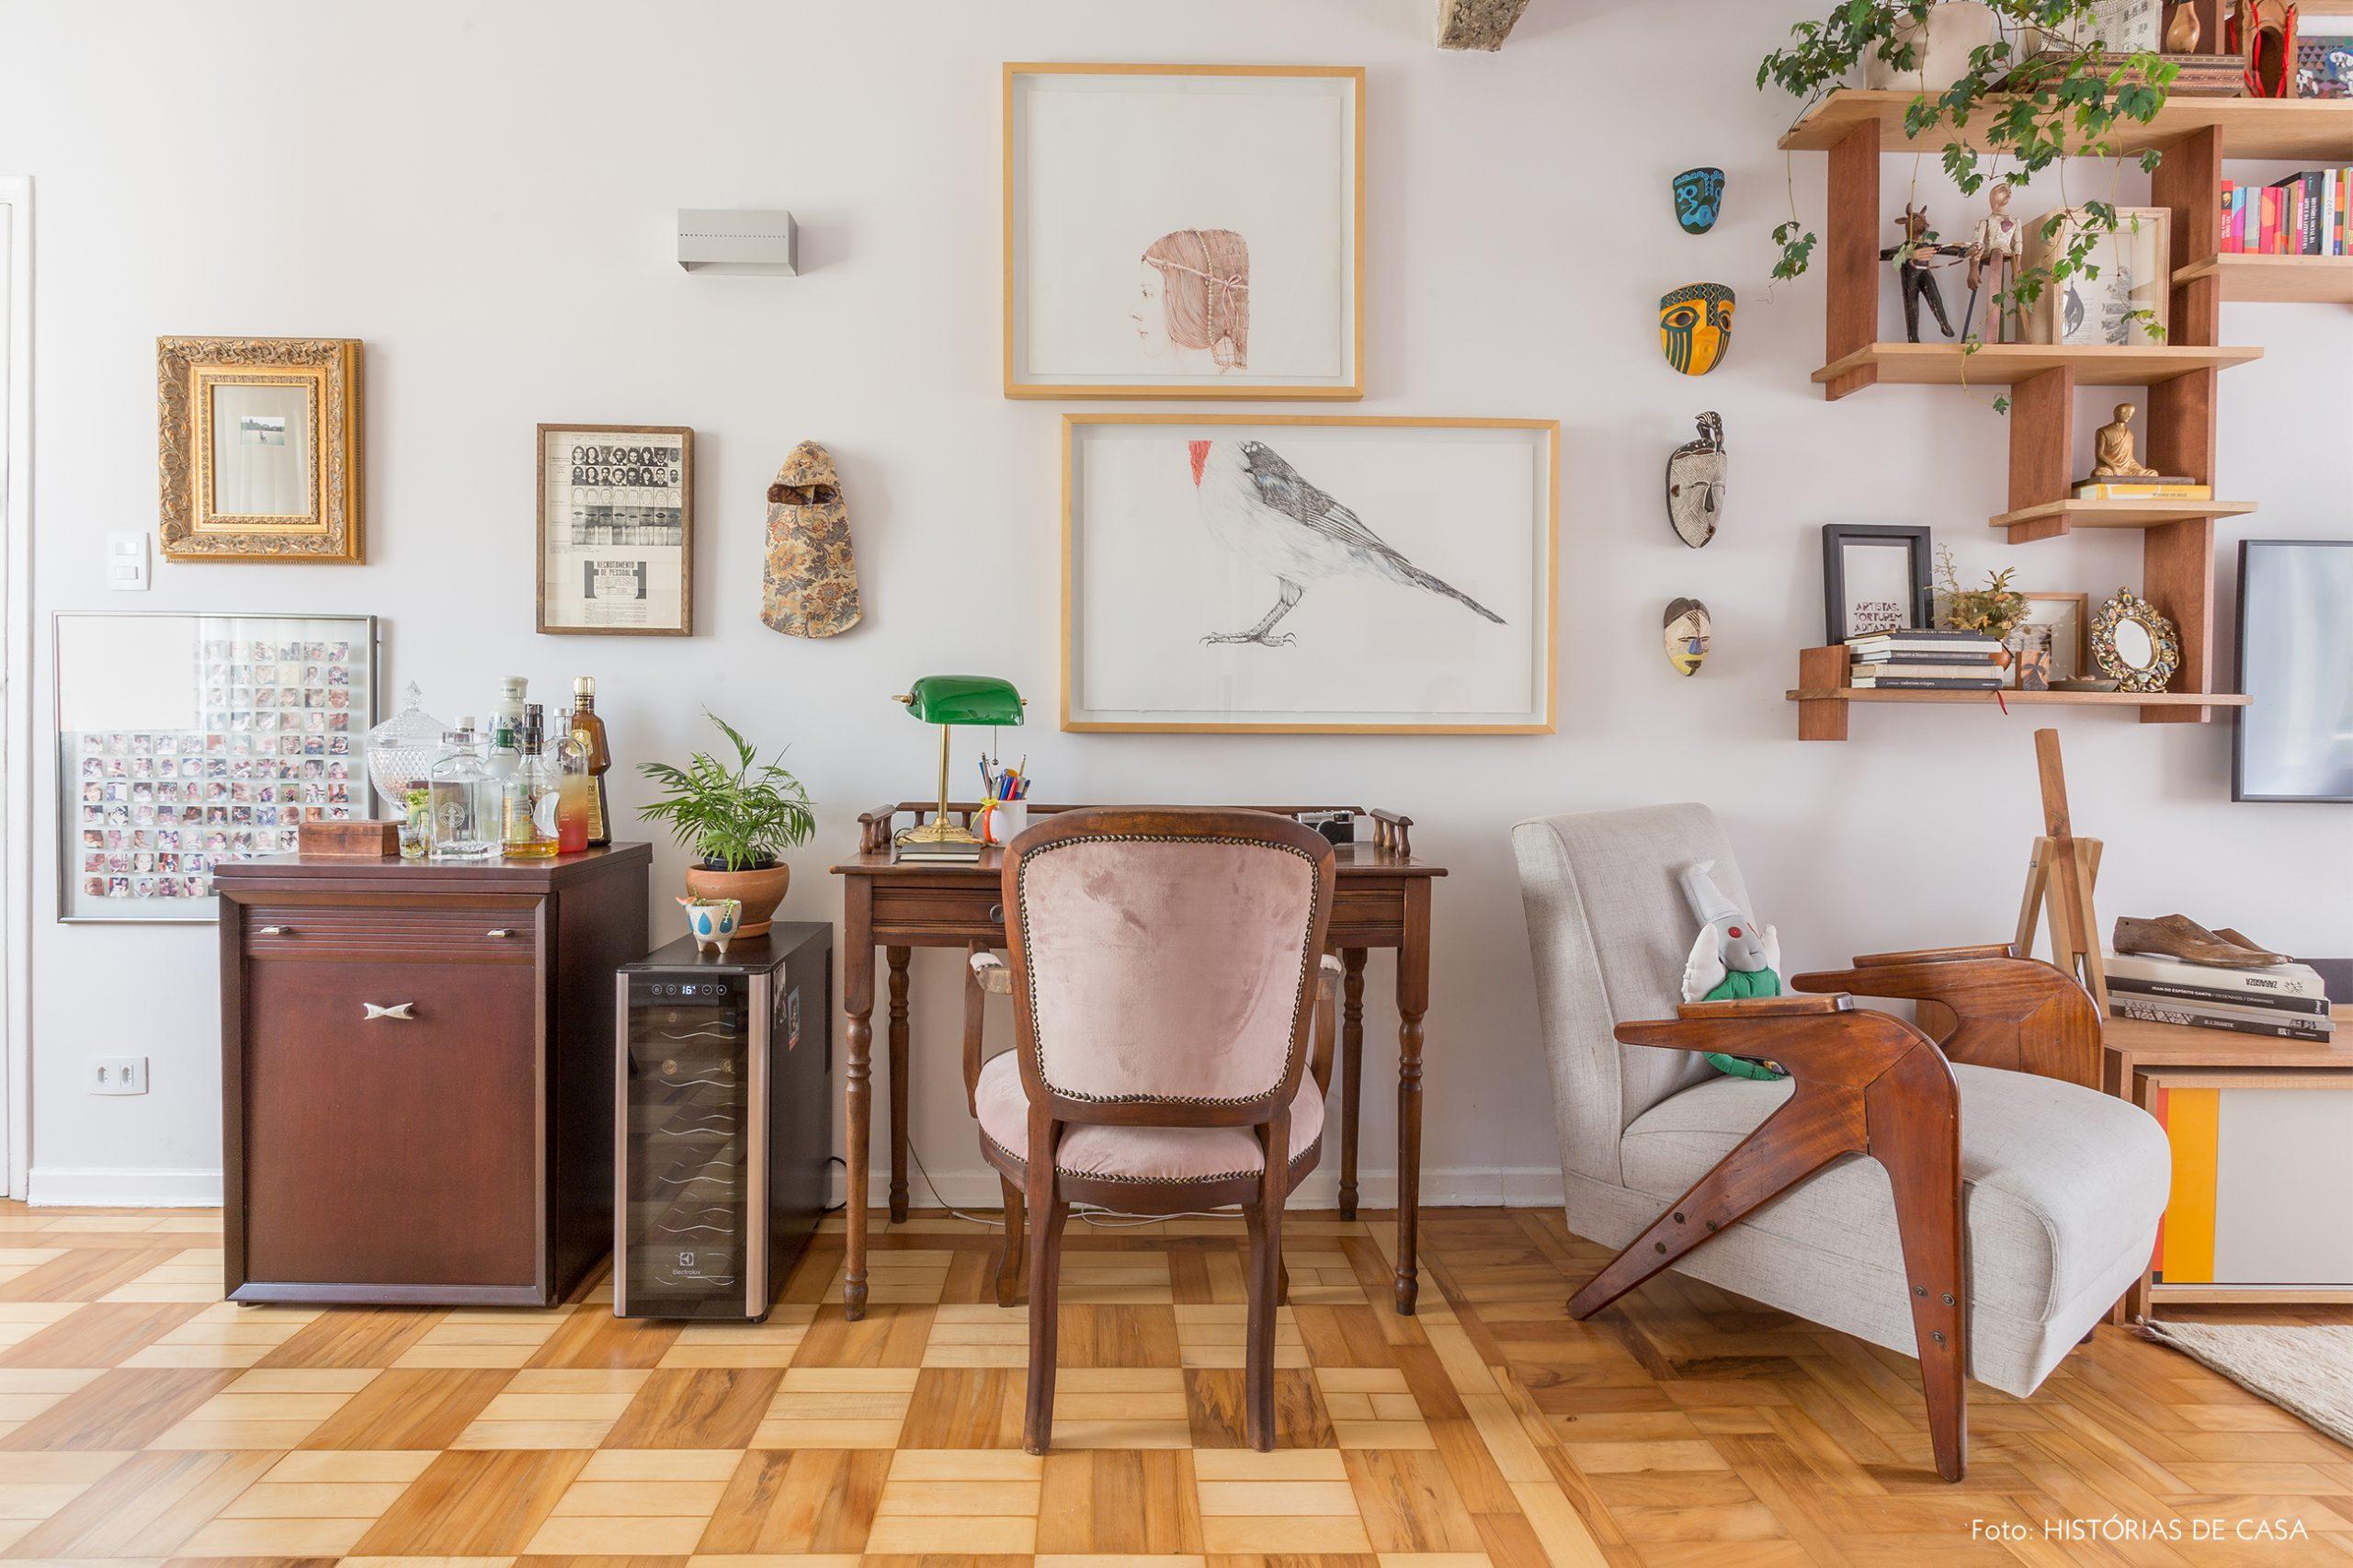 decoração sala com escrivaninha e cadeira antiga de madeira e muitos quadros